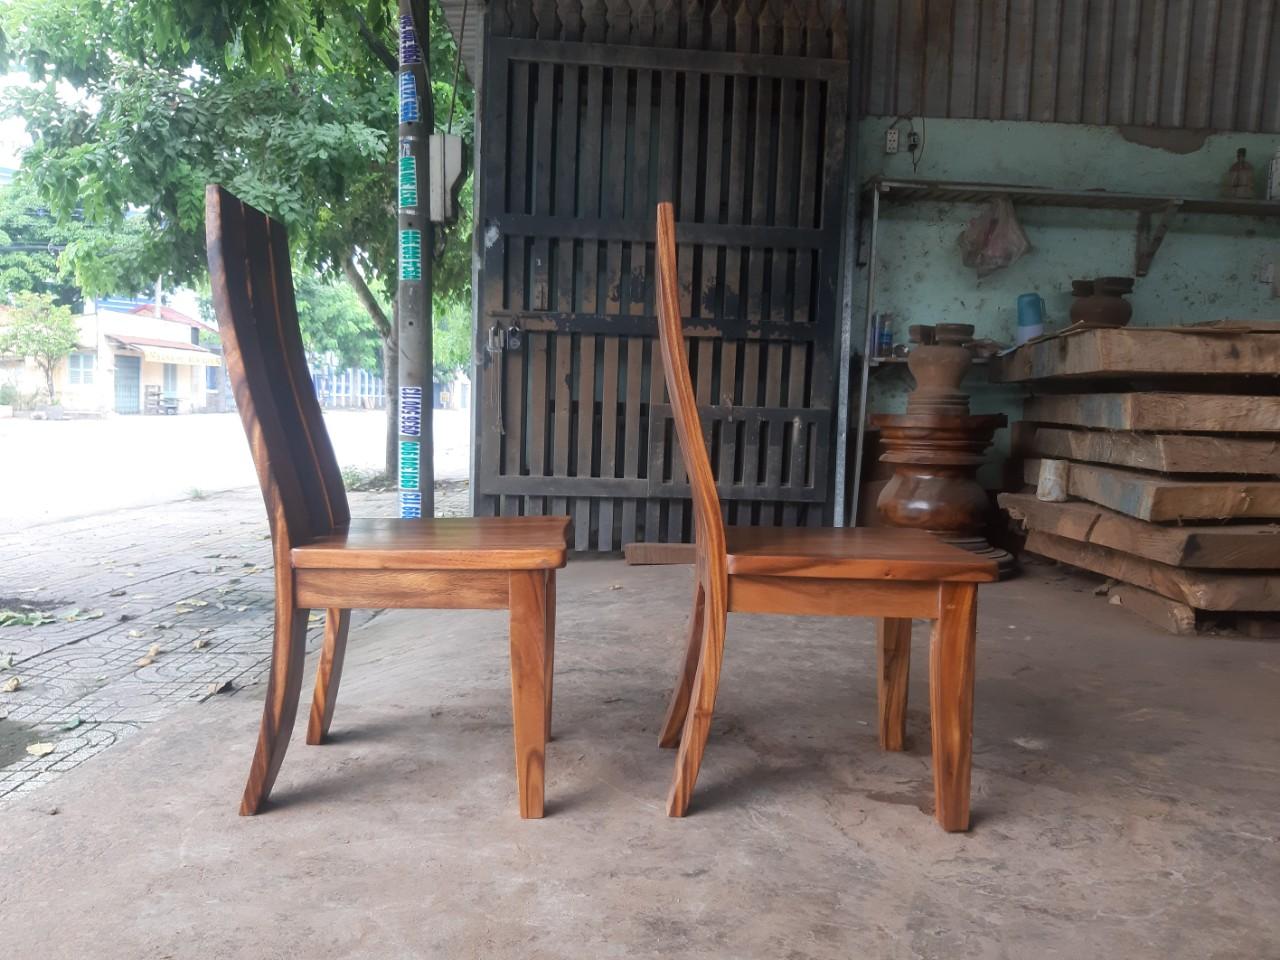 Bí mật về mẫu ghế ăn gỗ đẹp nhất trên thị trường.